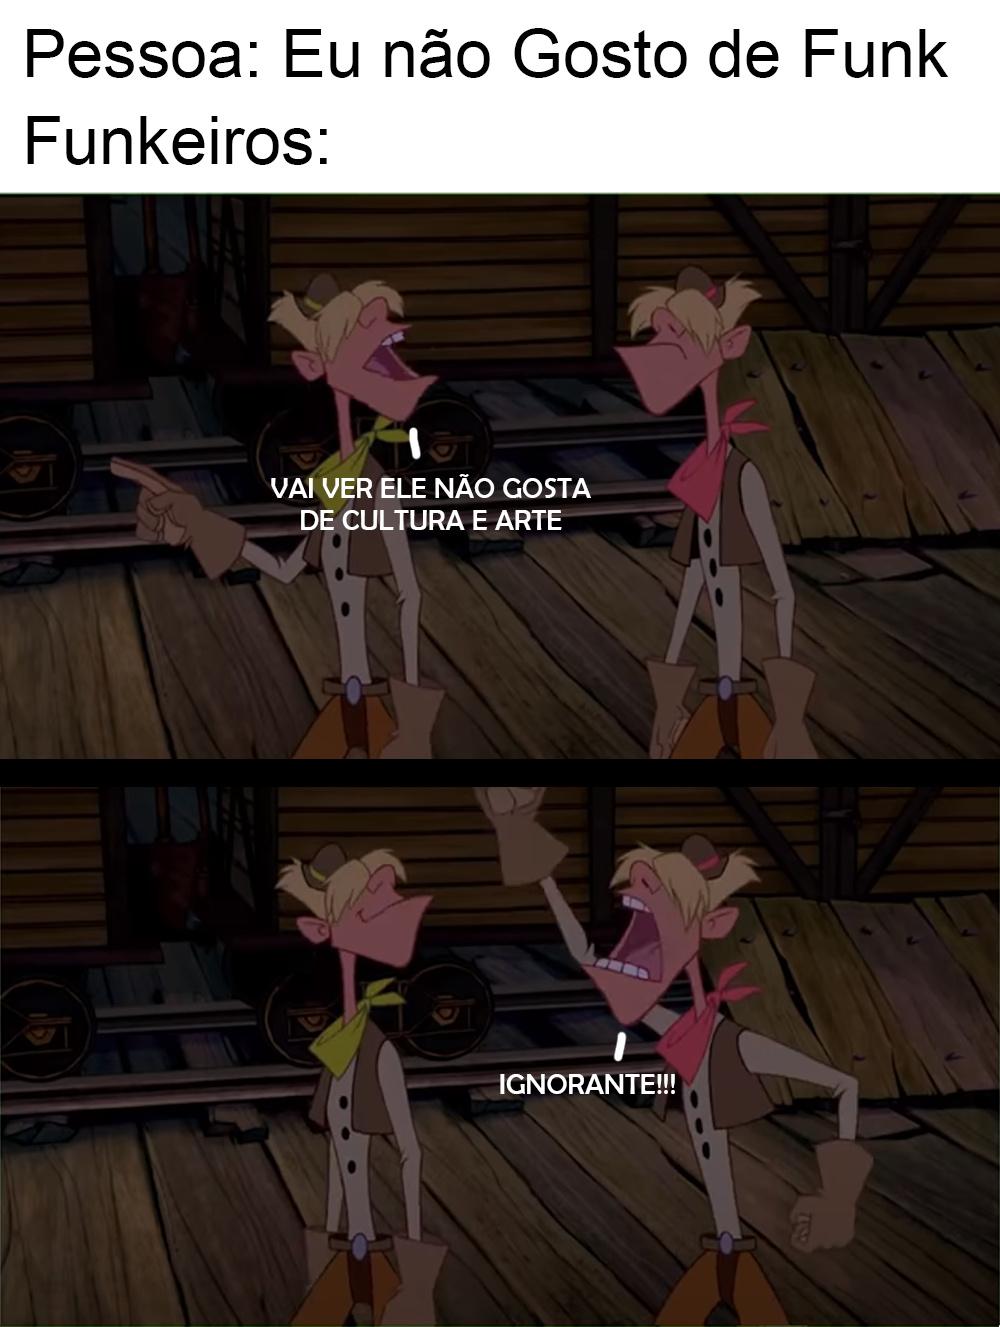 IGNORANTE!!! - meme